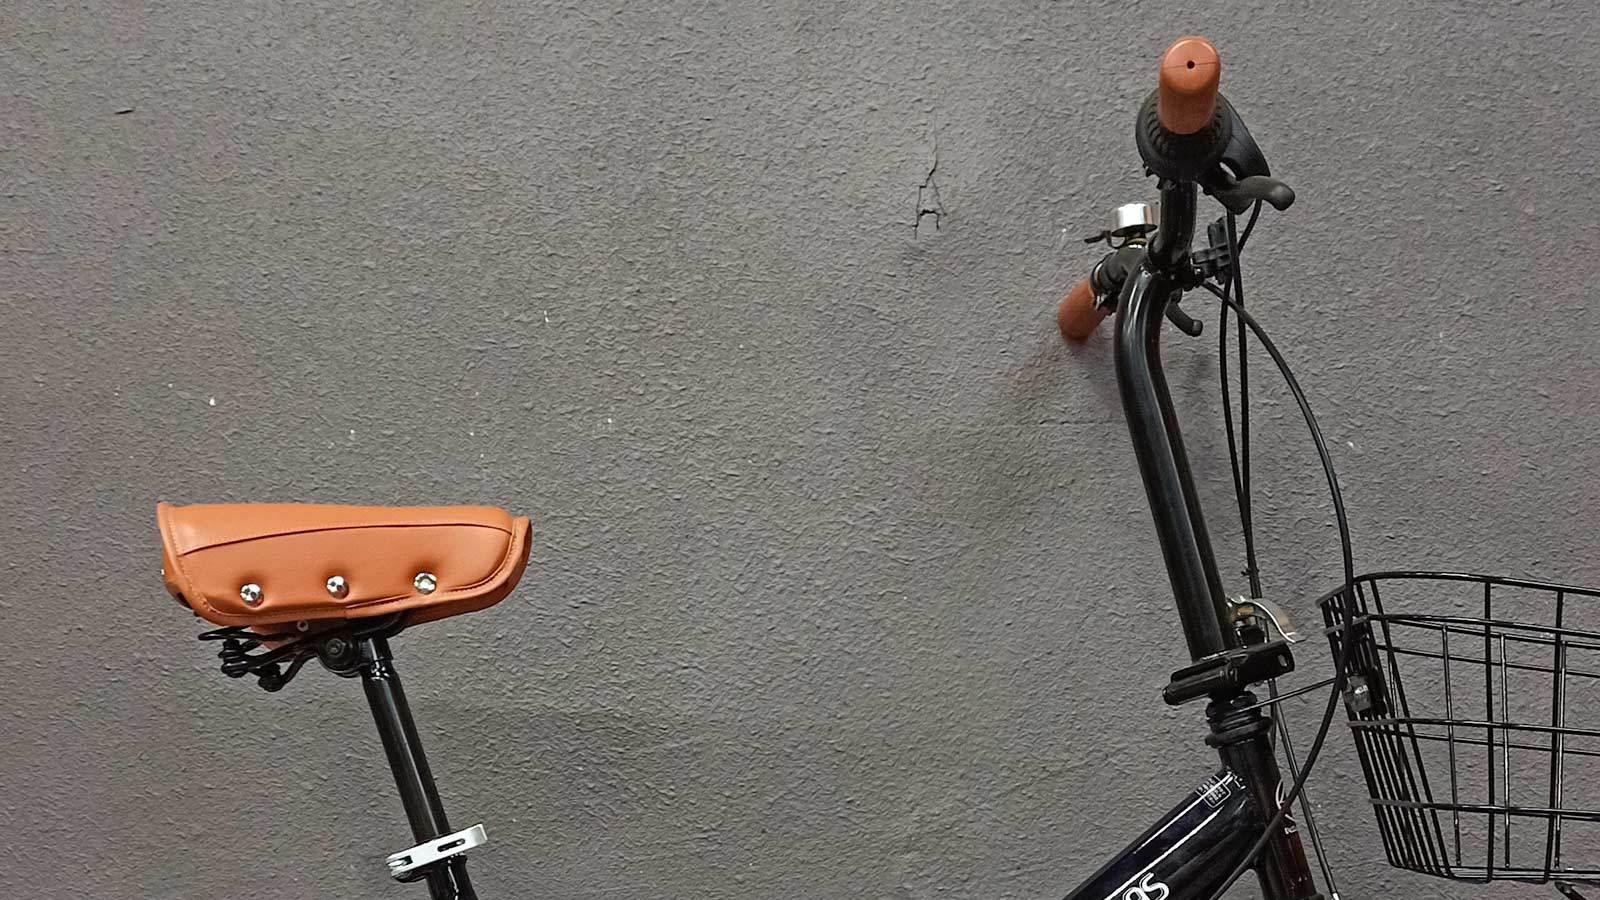 седло и руль складного велосипеда MyPallas M204